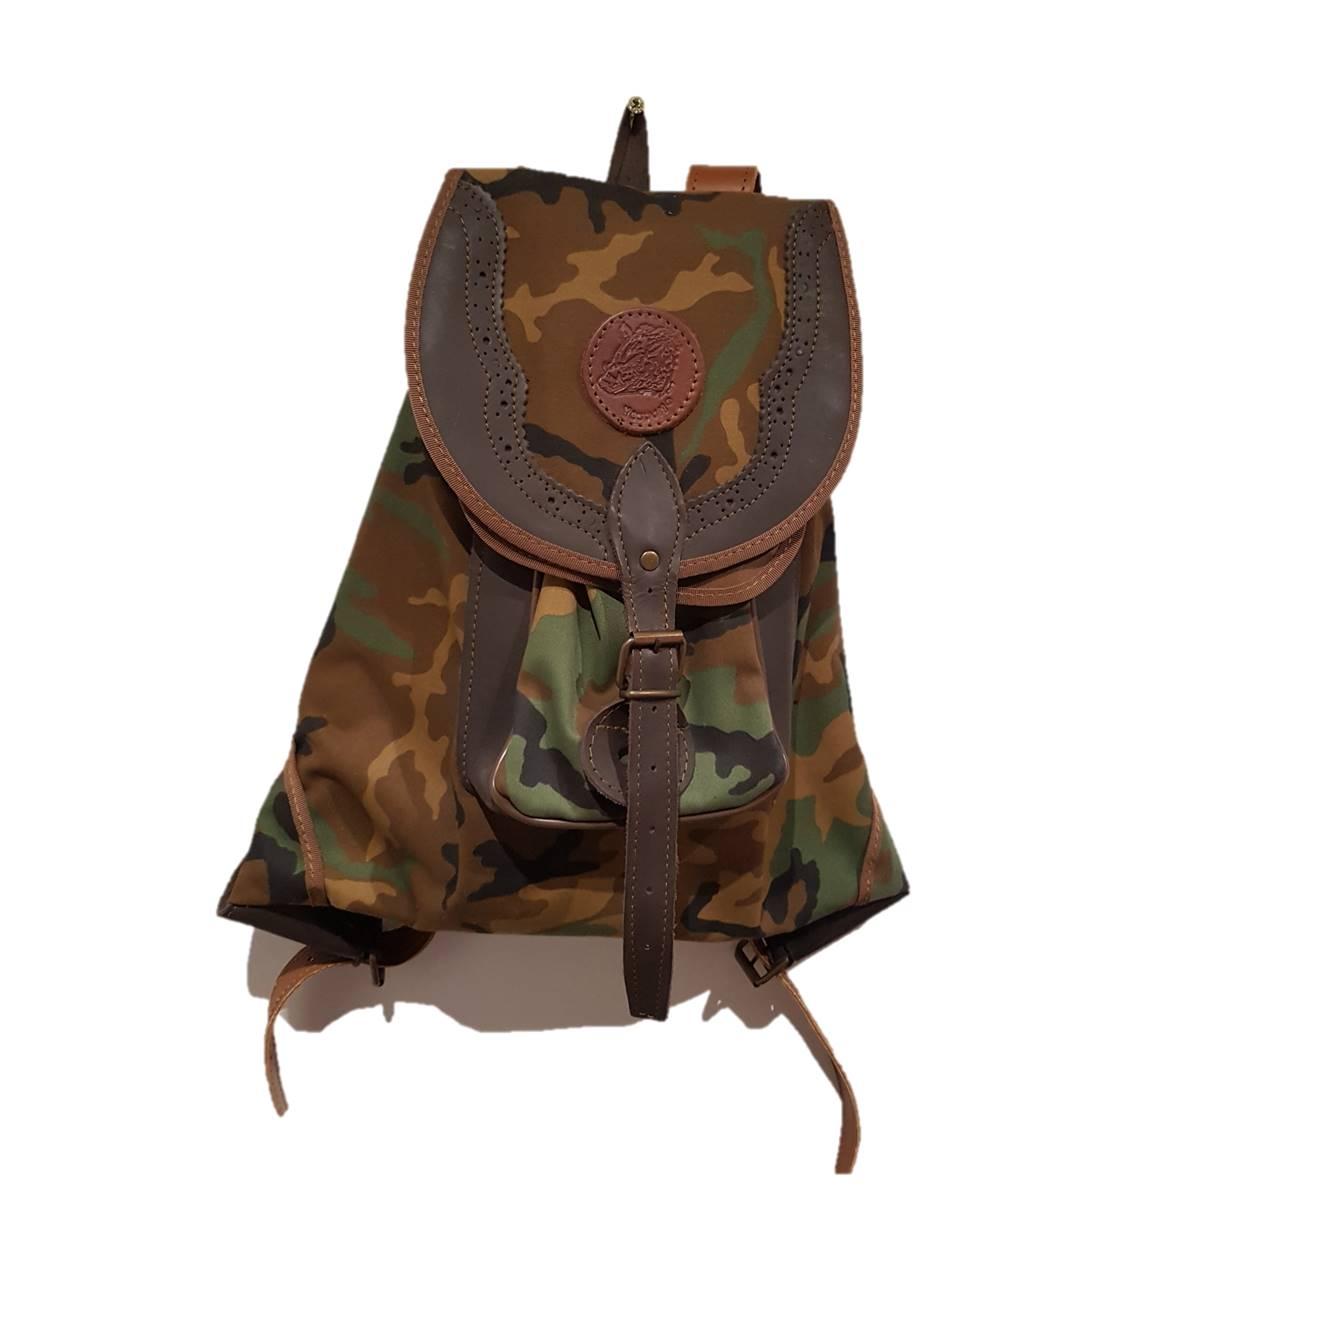 Zurron mochila en camuflaje y serraje articulo artesanal - Articulos de caza milanuncios ...